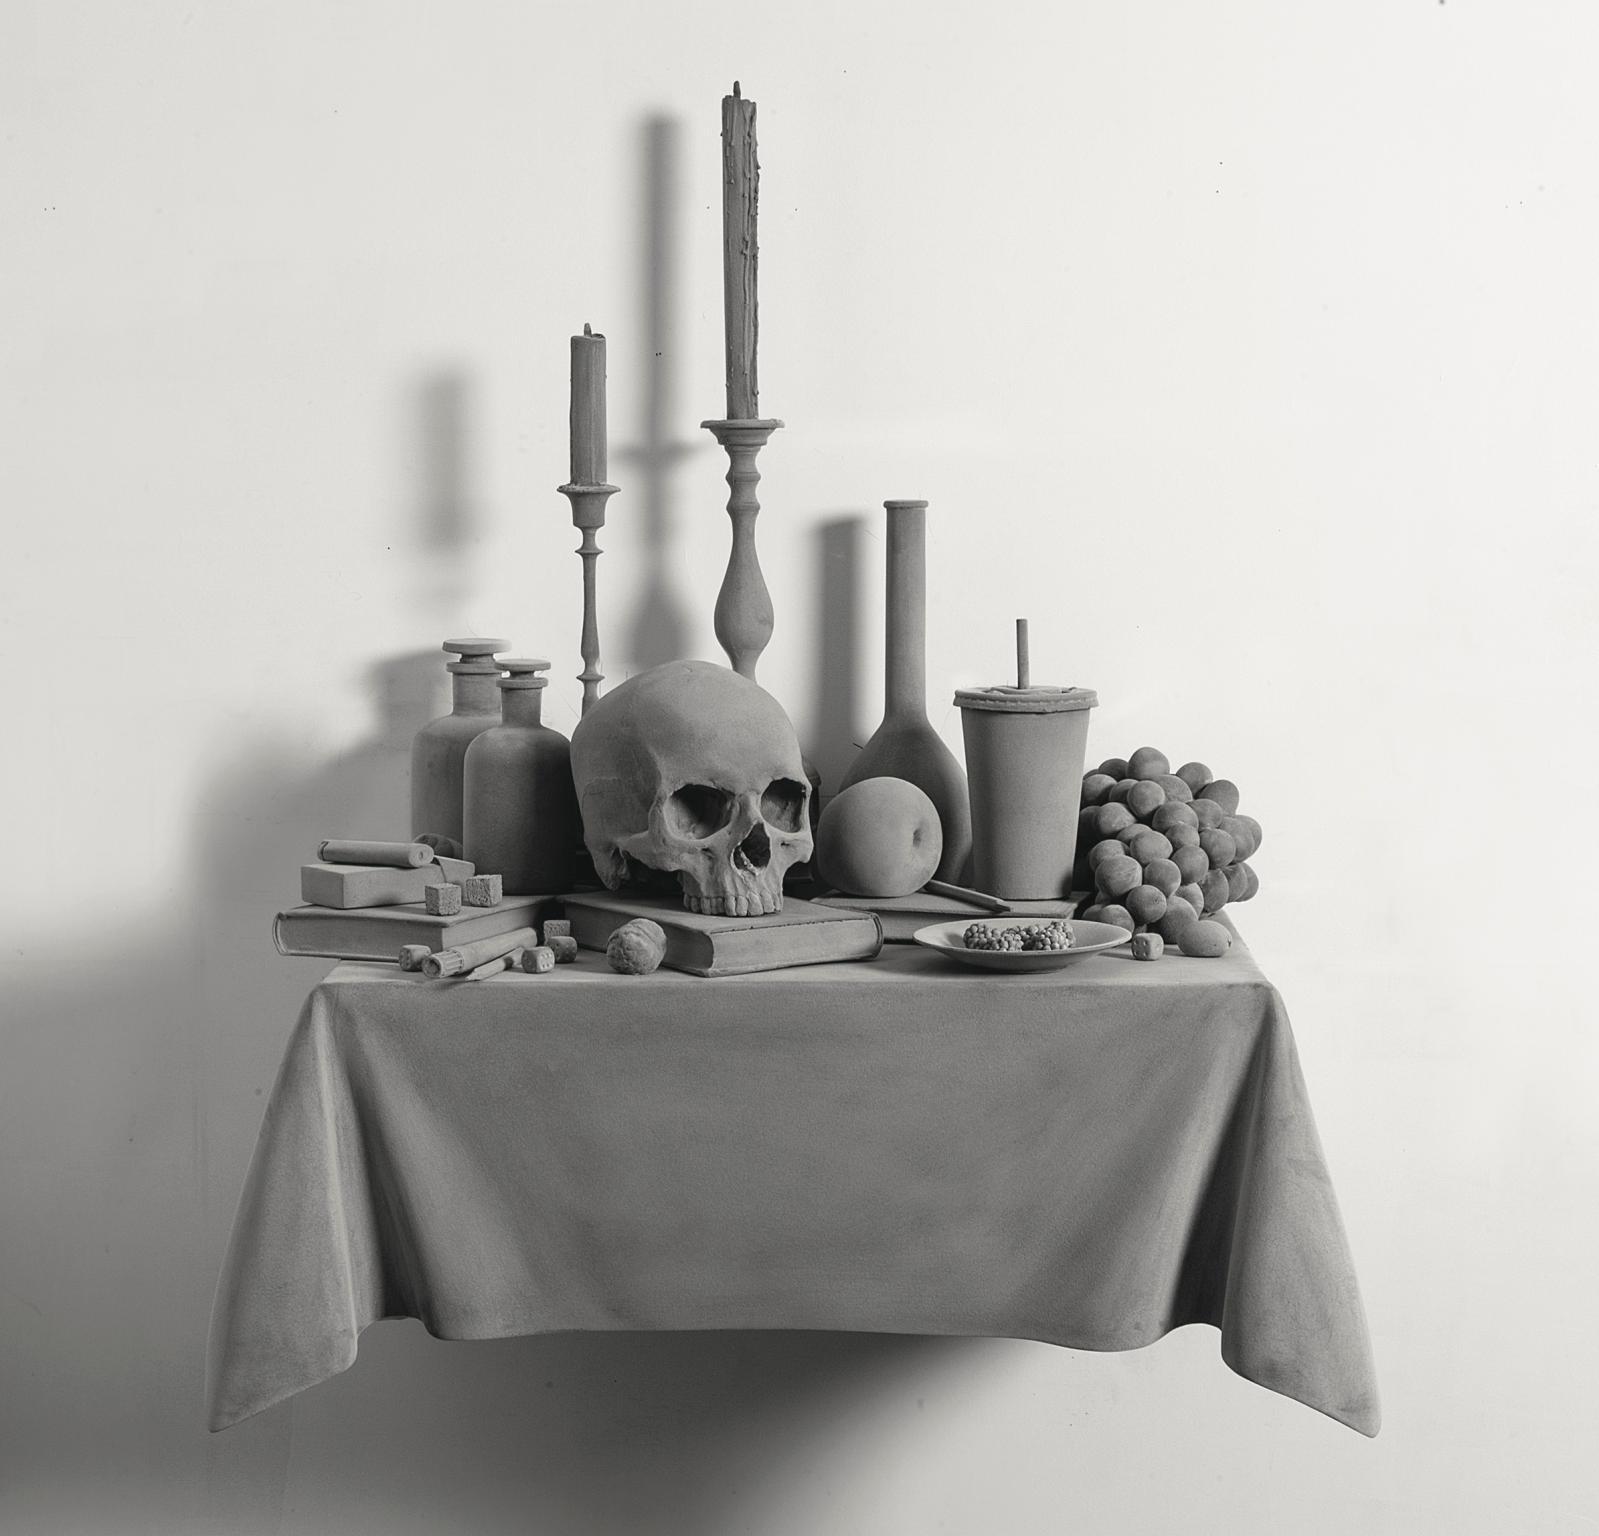 Hans Op de Beeck (né en 1969), Vanitas (Variation) 5, 2015, plastique pigmenté, bois.